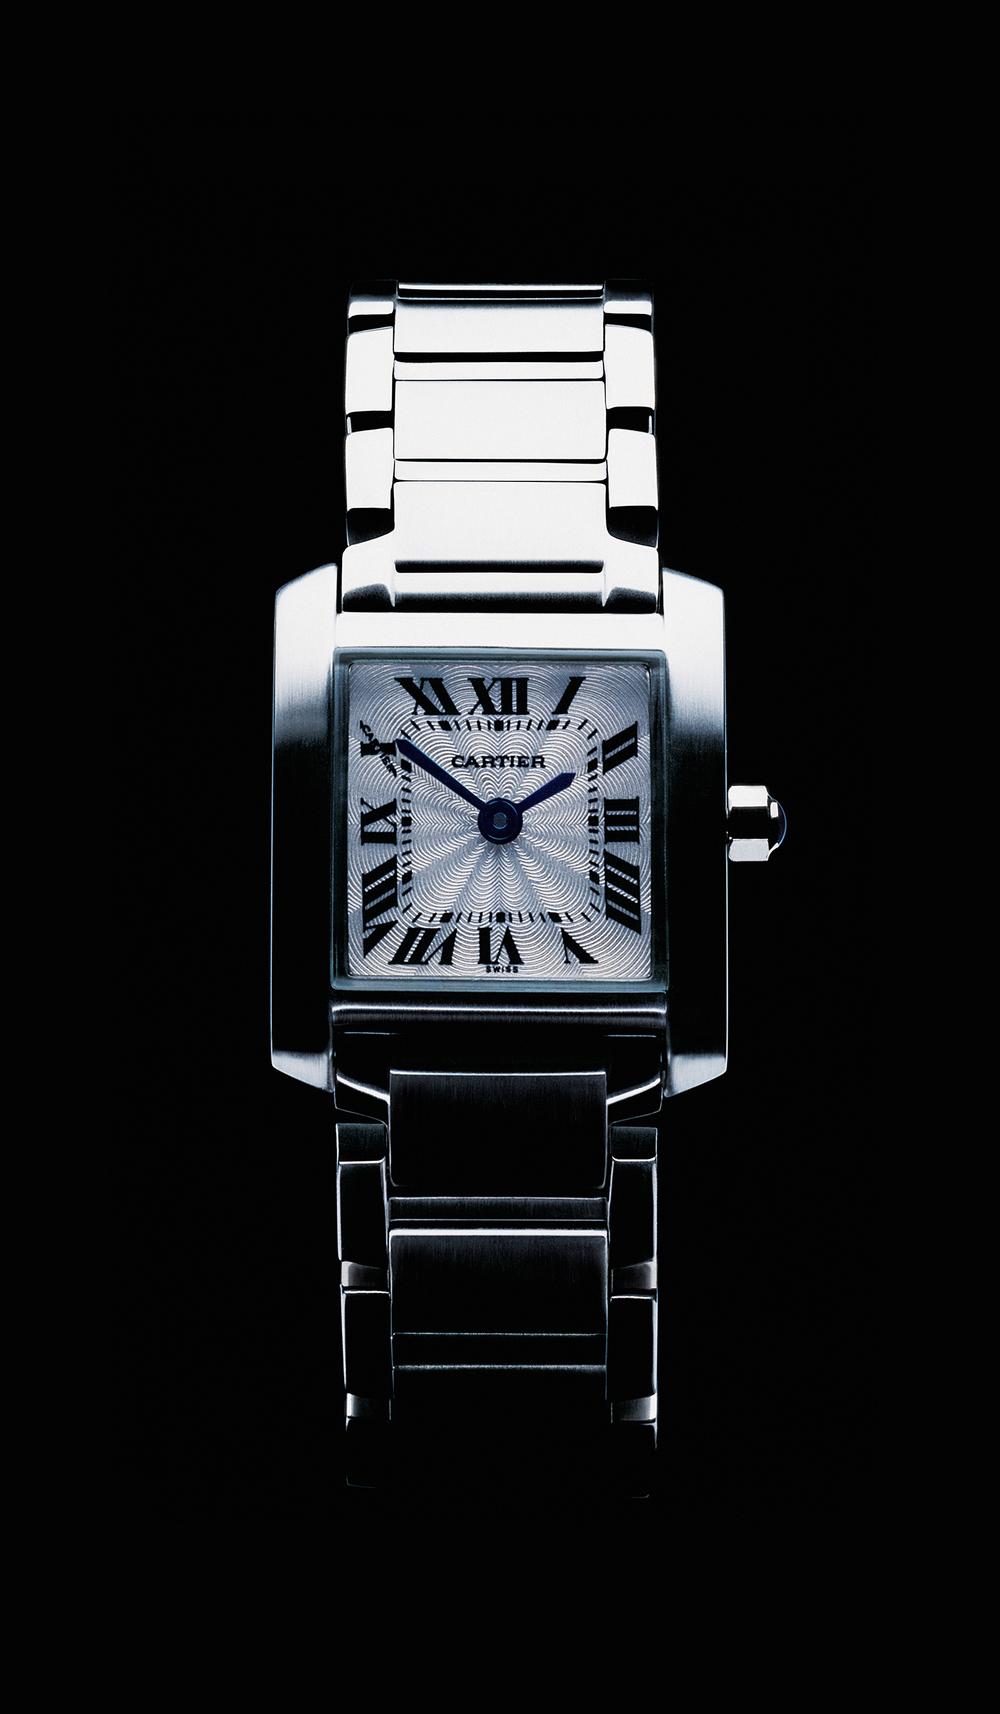 Cartier Tank: R$ 120,00 (série O Que Te Seduz) (detalhe) •2003/2004 •Fotografia, impressão digital, recibo de compra •120 x 70 cm, 30 x 30 cm (díptico)